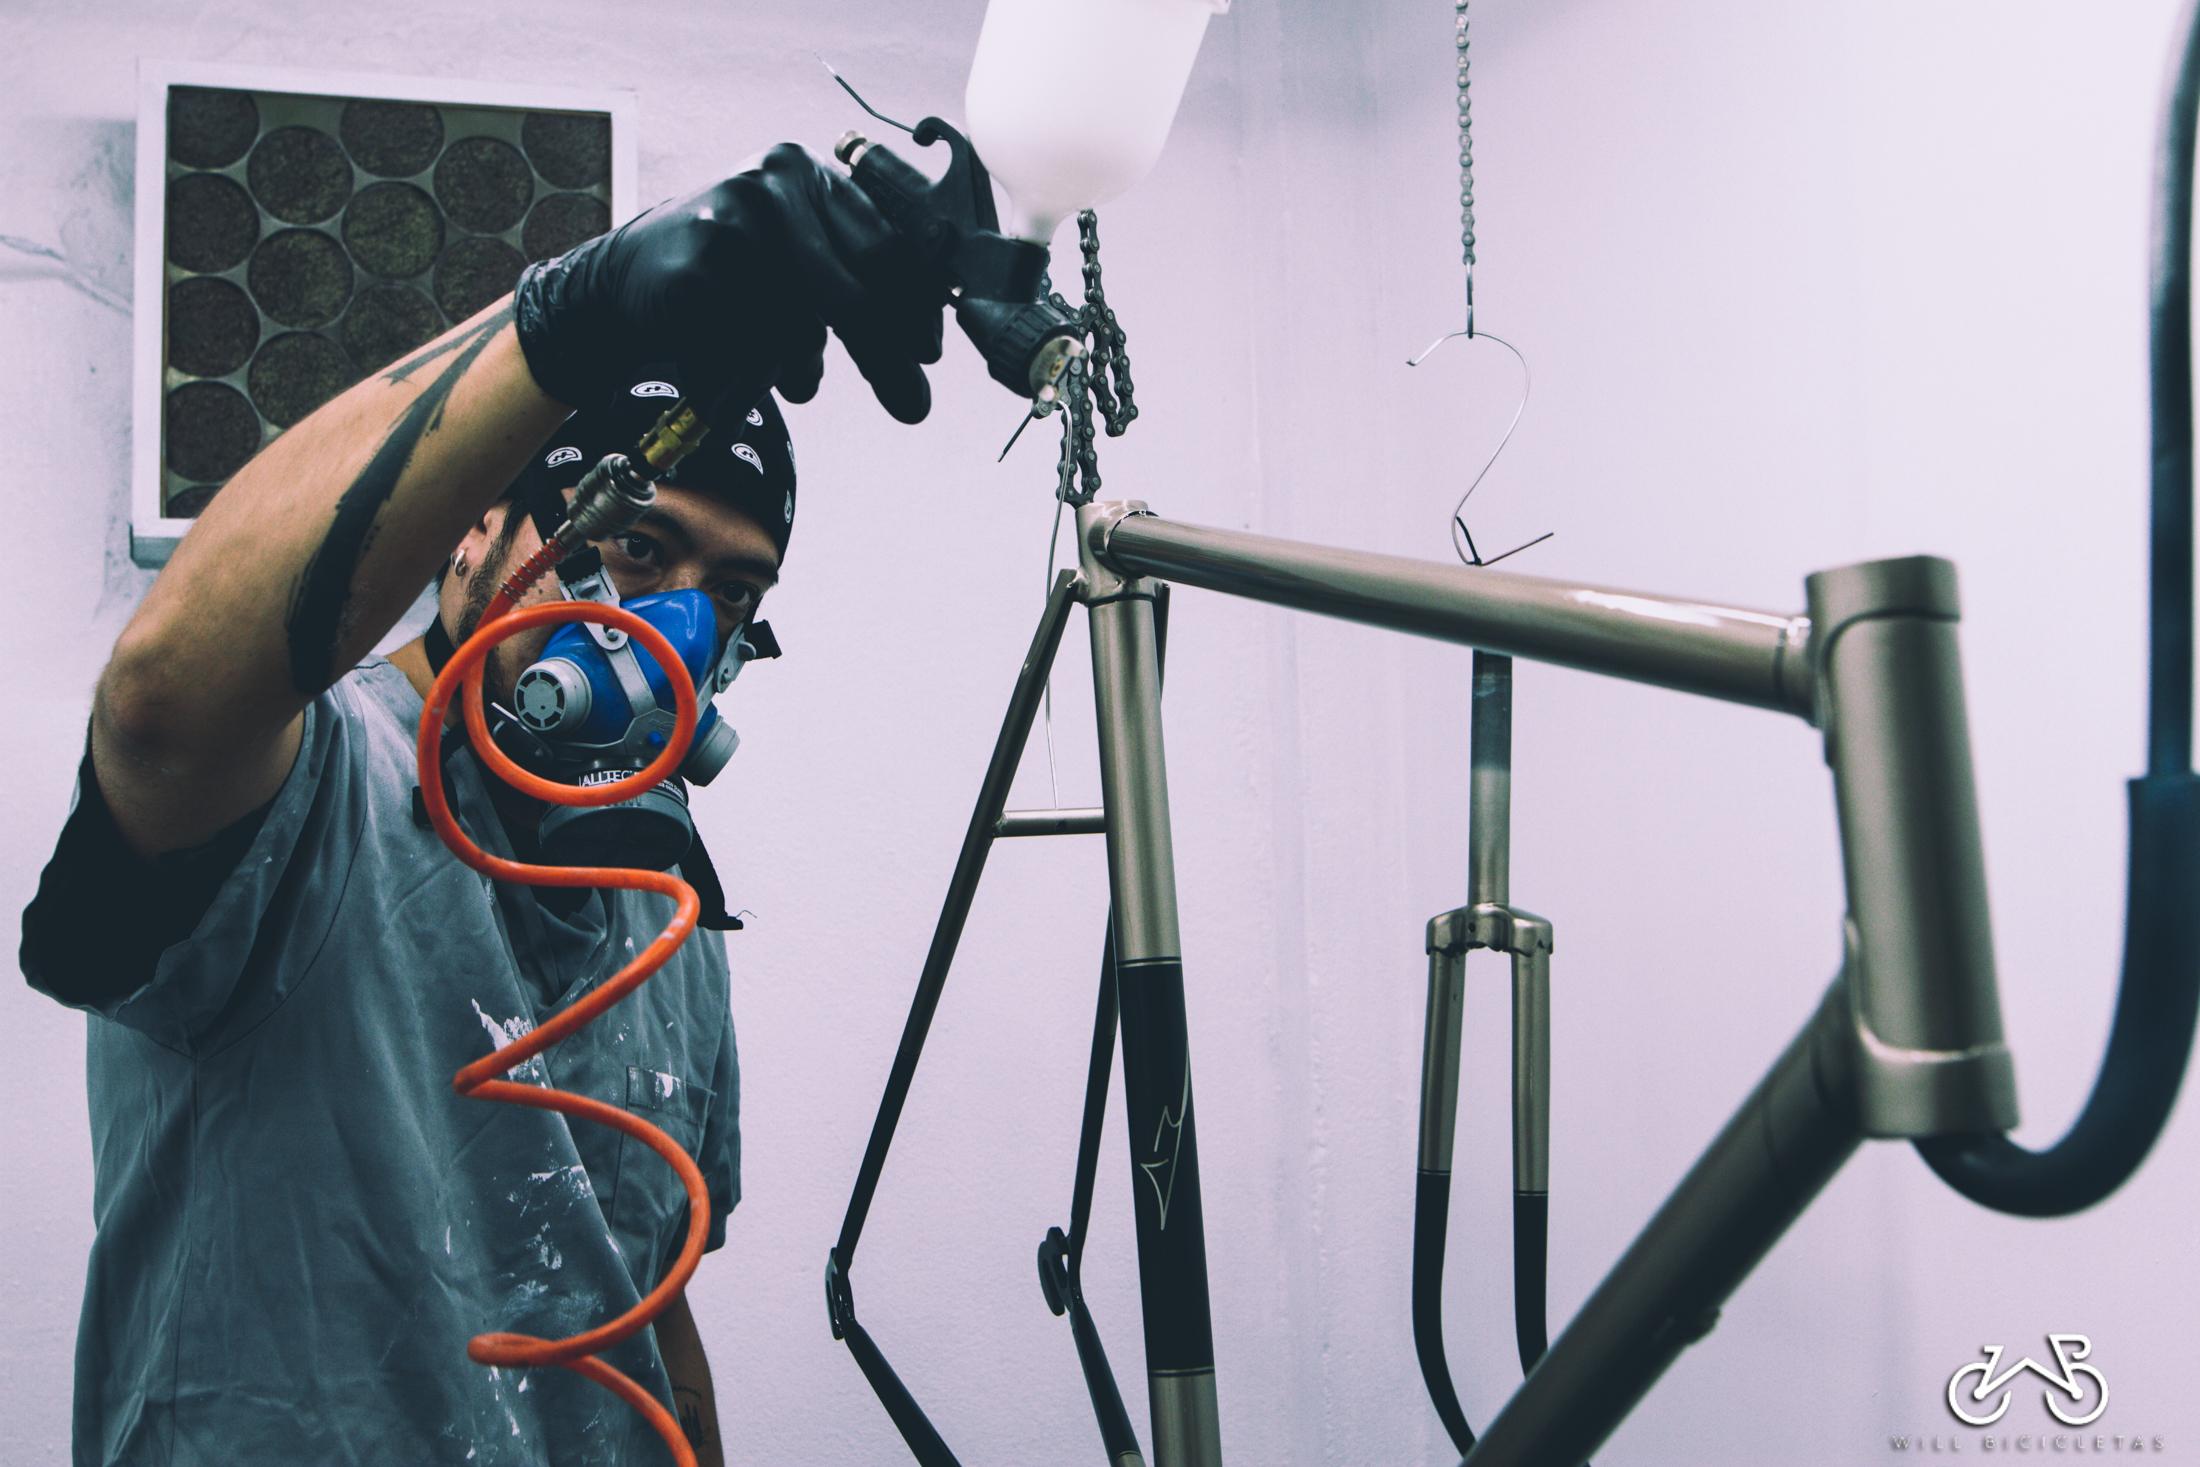 Pintura - Fazemos pinturas em bicicletas de aço, alumínio e carbono. Os produtos utilizados dão a liberdade de criar cores personalizadas e até semelhantes as originais da sua bike.Não realizamos reparos em pinturas.Se você curte grafismos, podemos criar algo especial para você, ou até mesmo recriar o que era o original.